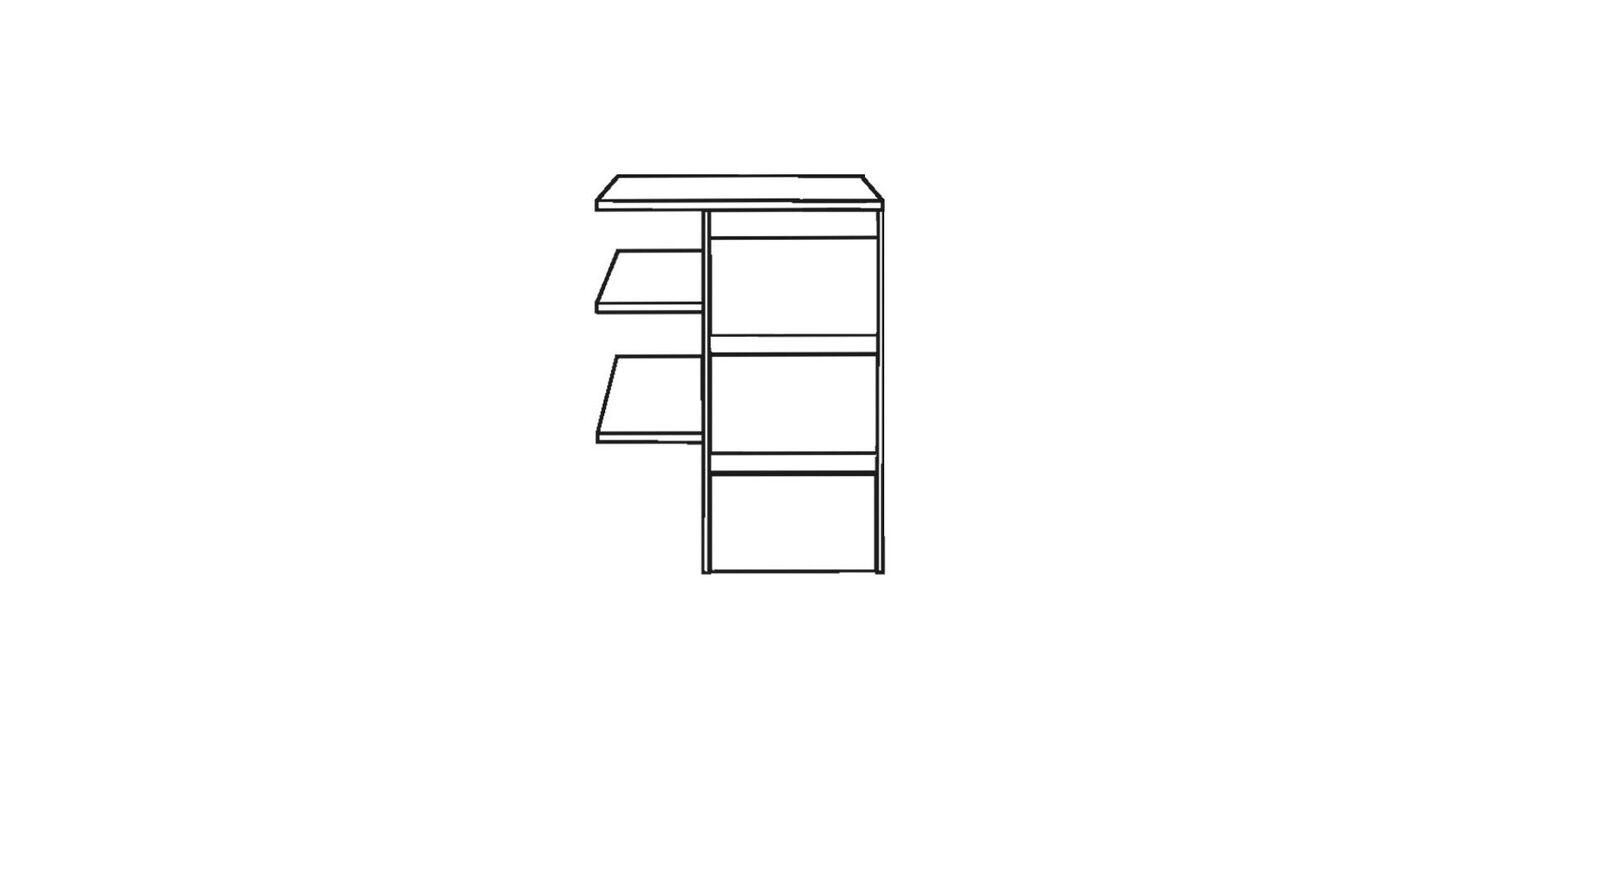 MUSTERRING Innenausstattung Kleiderschrank schmaler Fächereinsatz mit 3 Schubladen